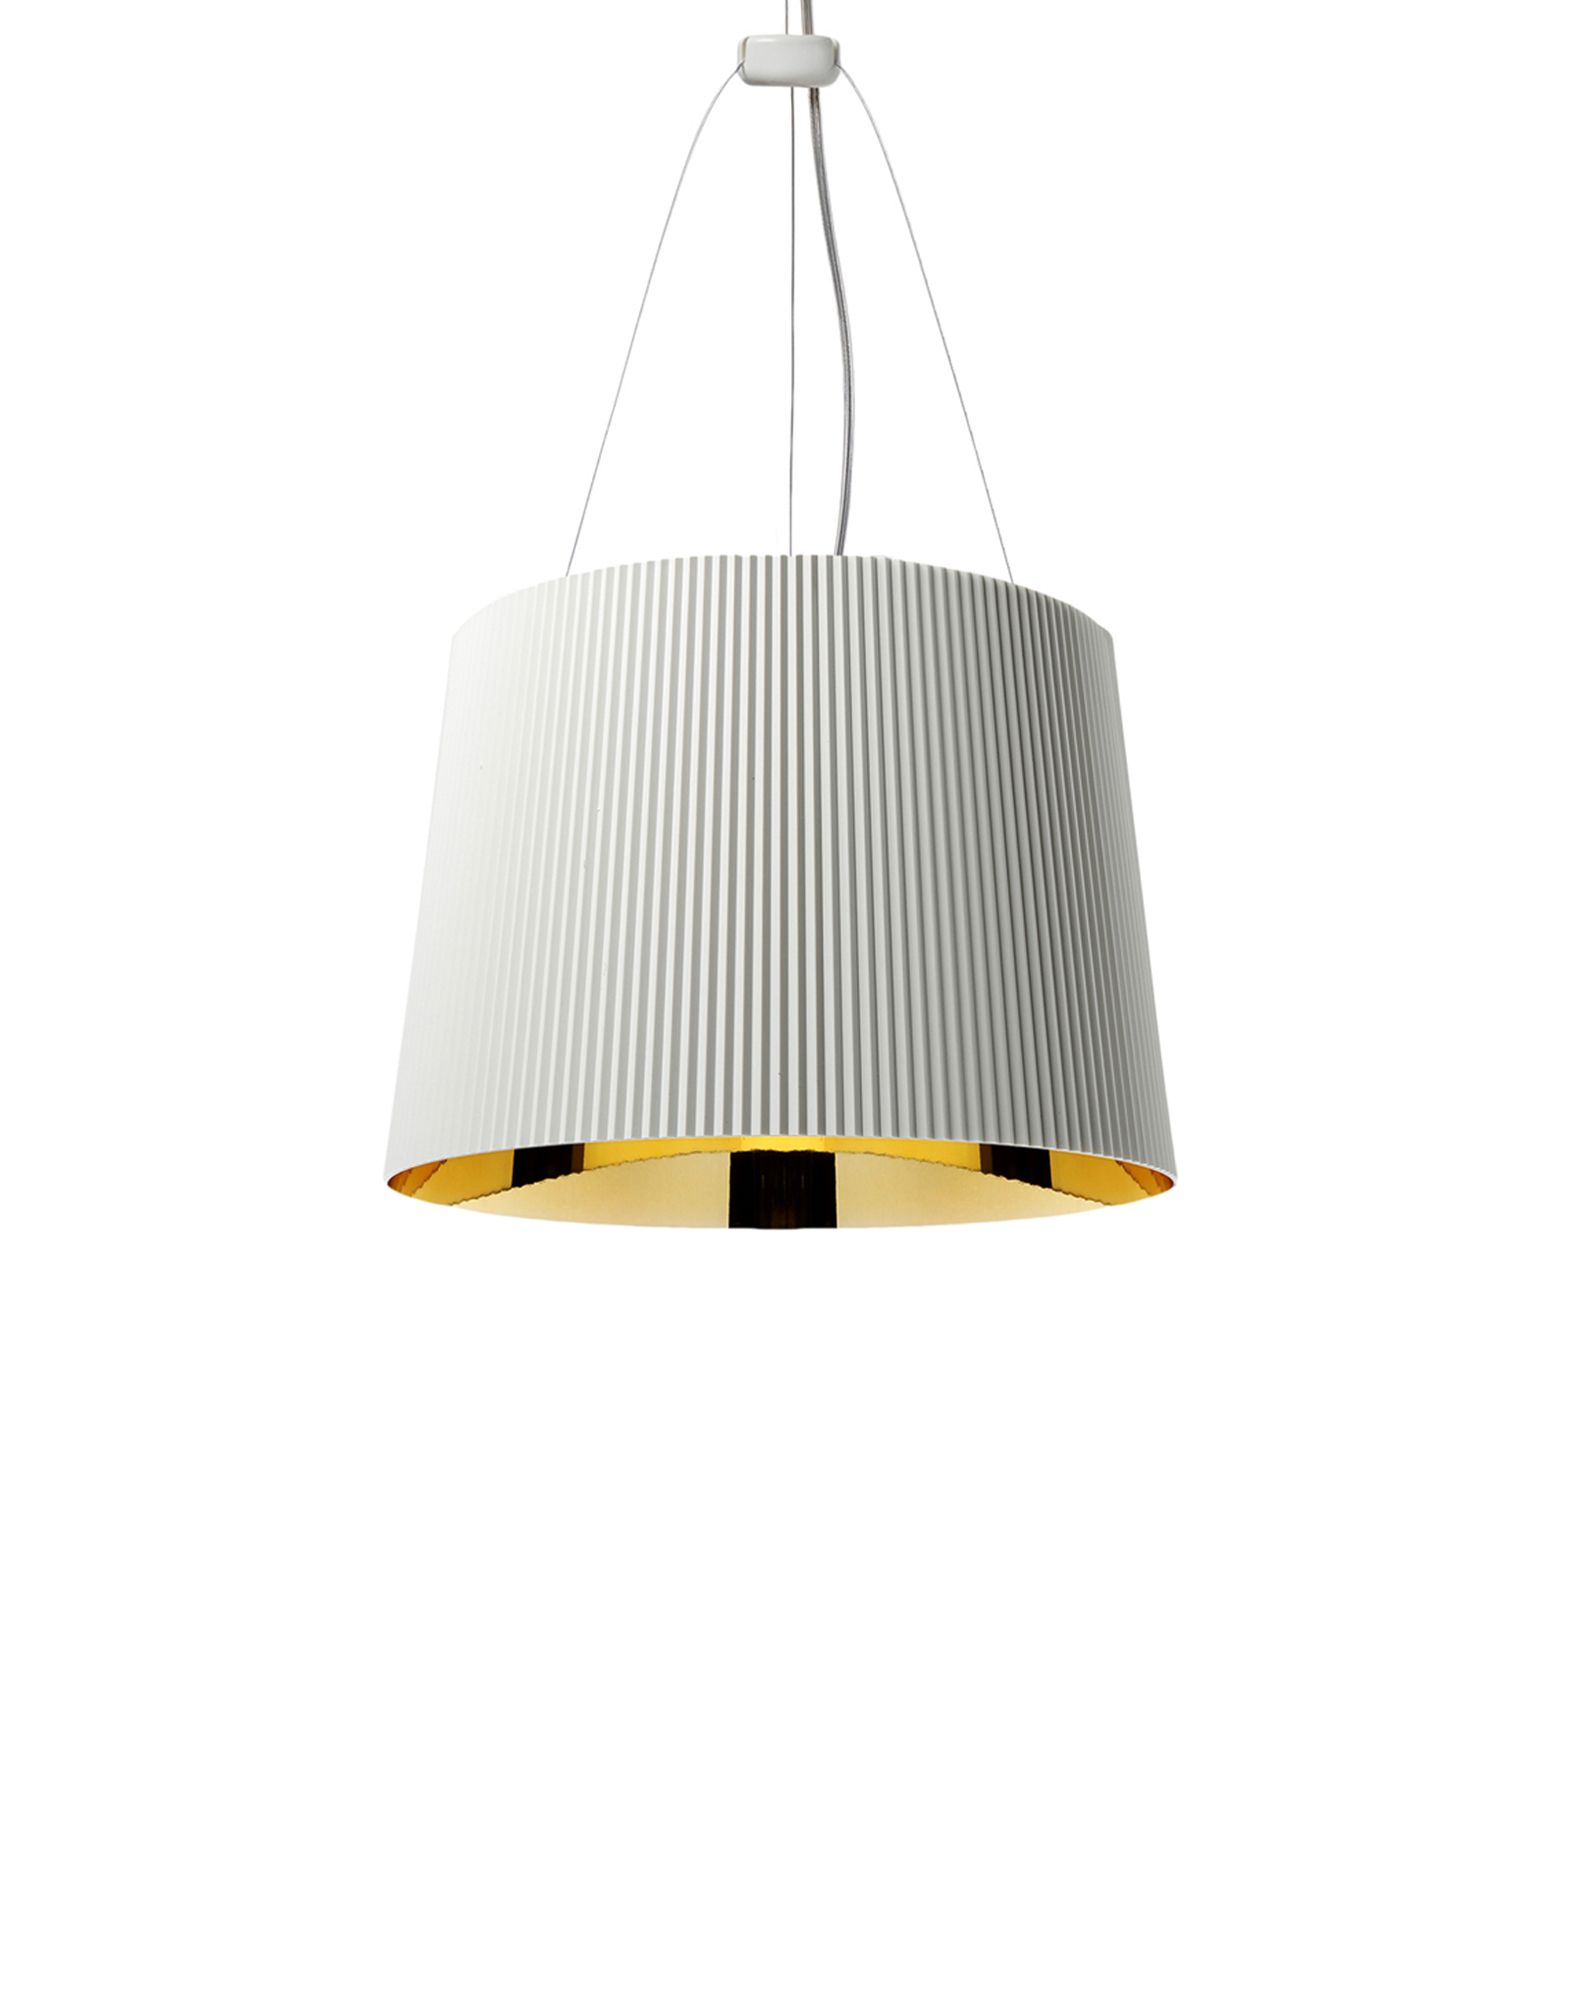 Suspensie Kartell Ge' design Ferruccio Laviani E27 max 70W h37cm alb-auriu poza